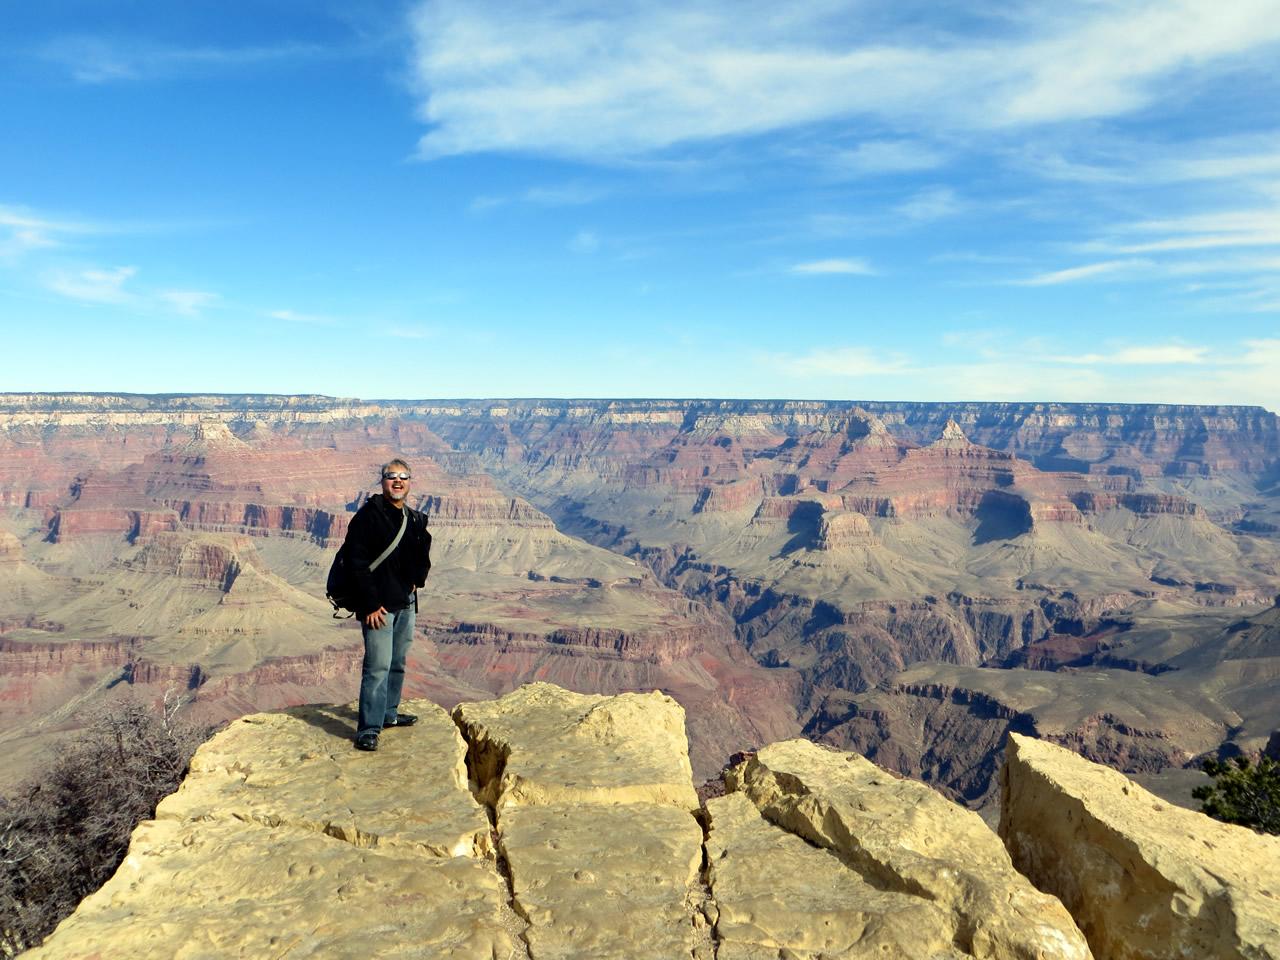 joey devilla at grand canyon